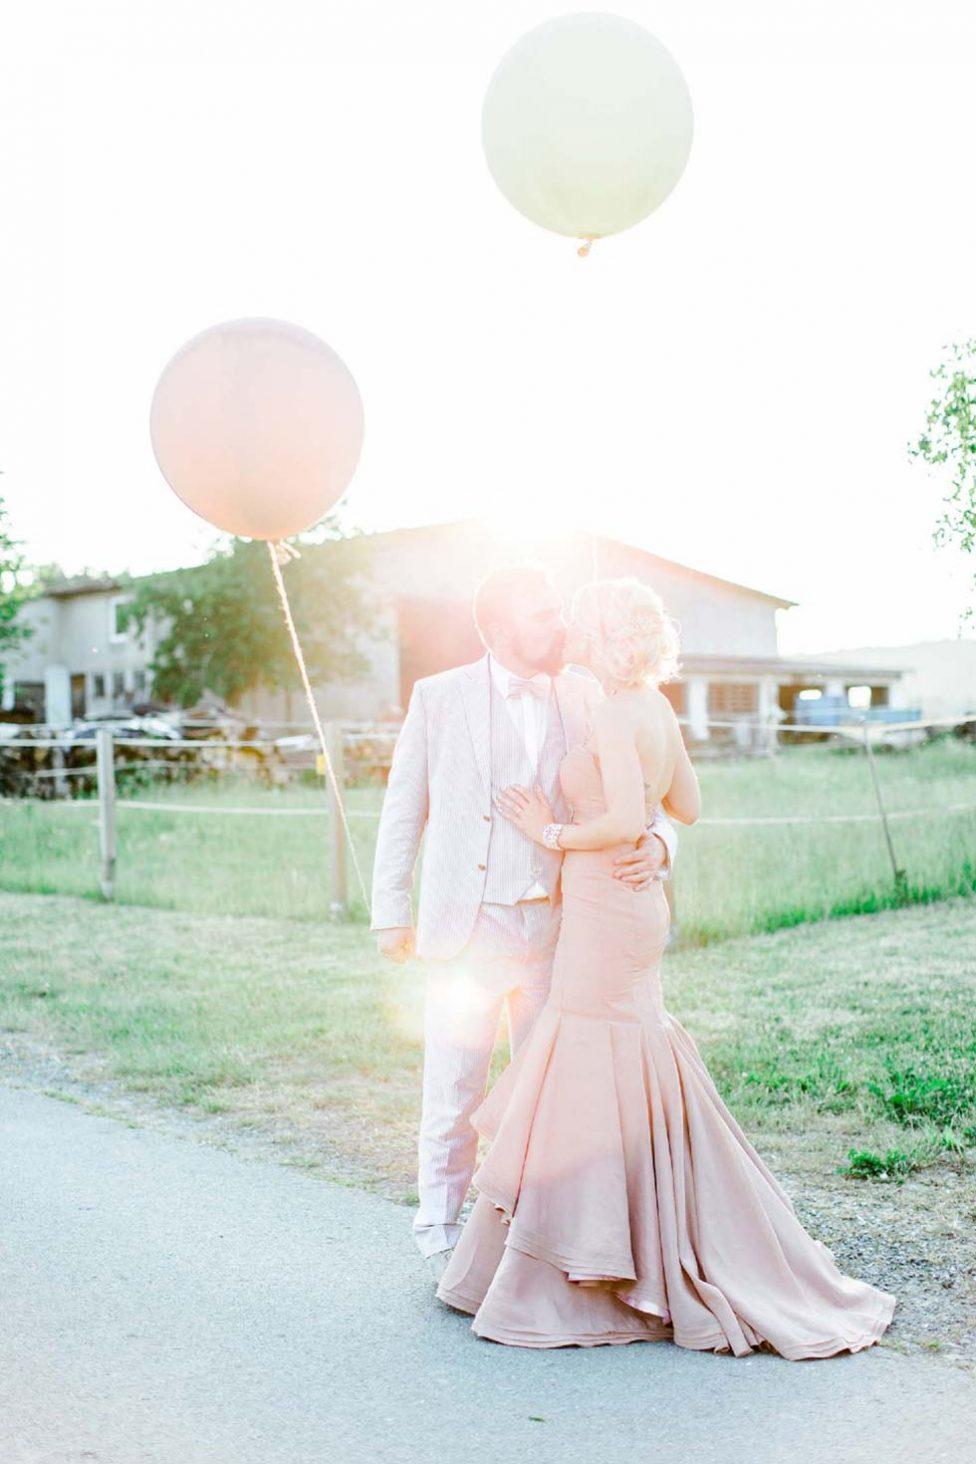 Sommer, Love & Party - das wohl schönste Gartenhochzeitsfest